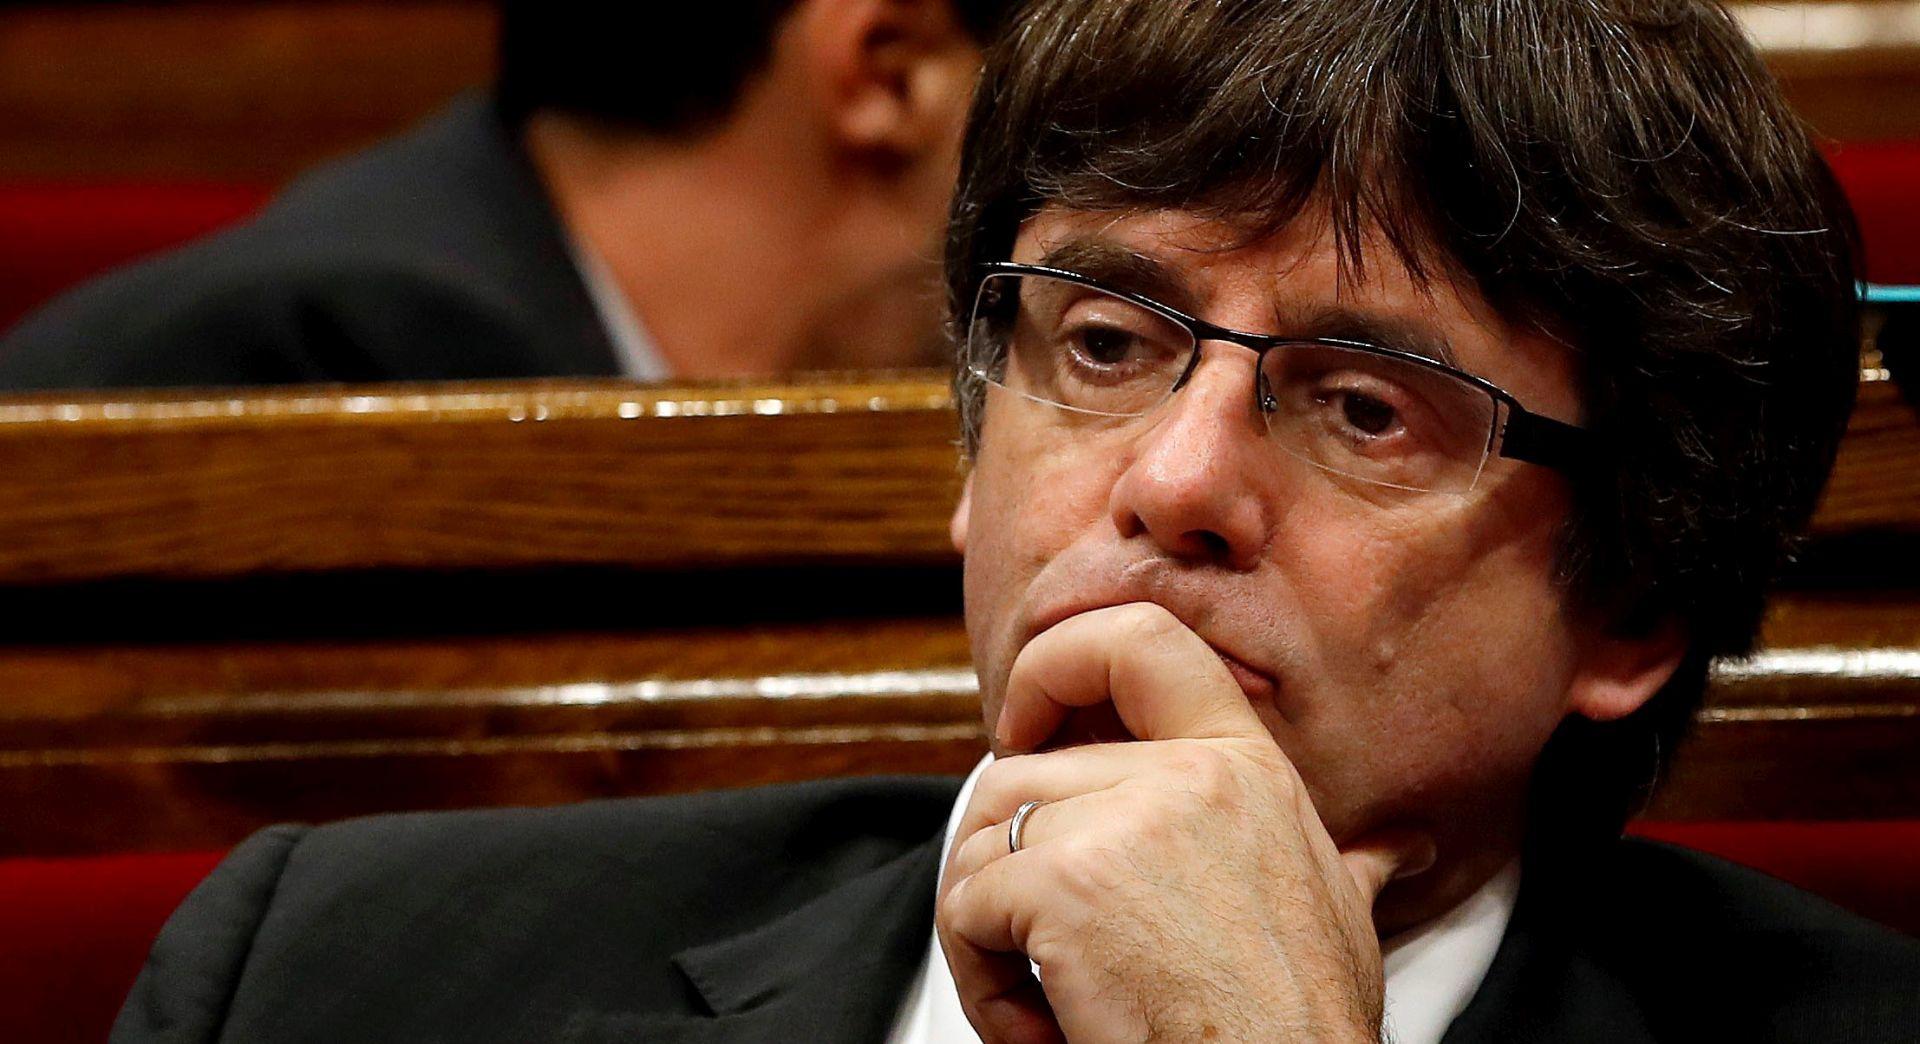 EKSHIBICIONIST Puigdemont spreman surađivati s belgijskim vlastima